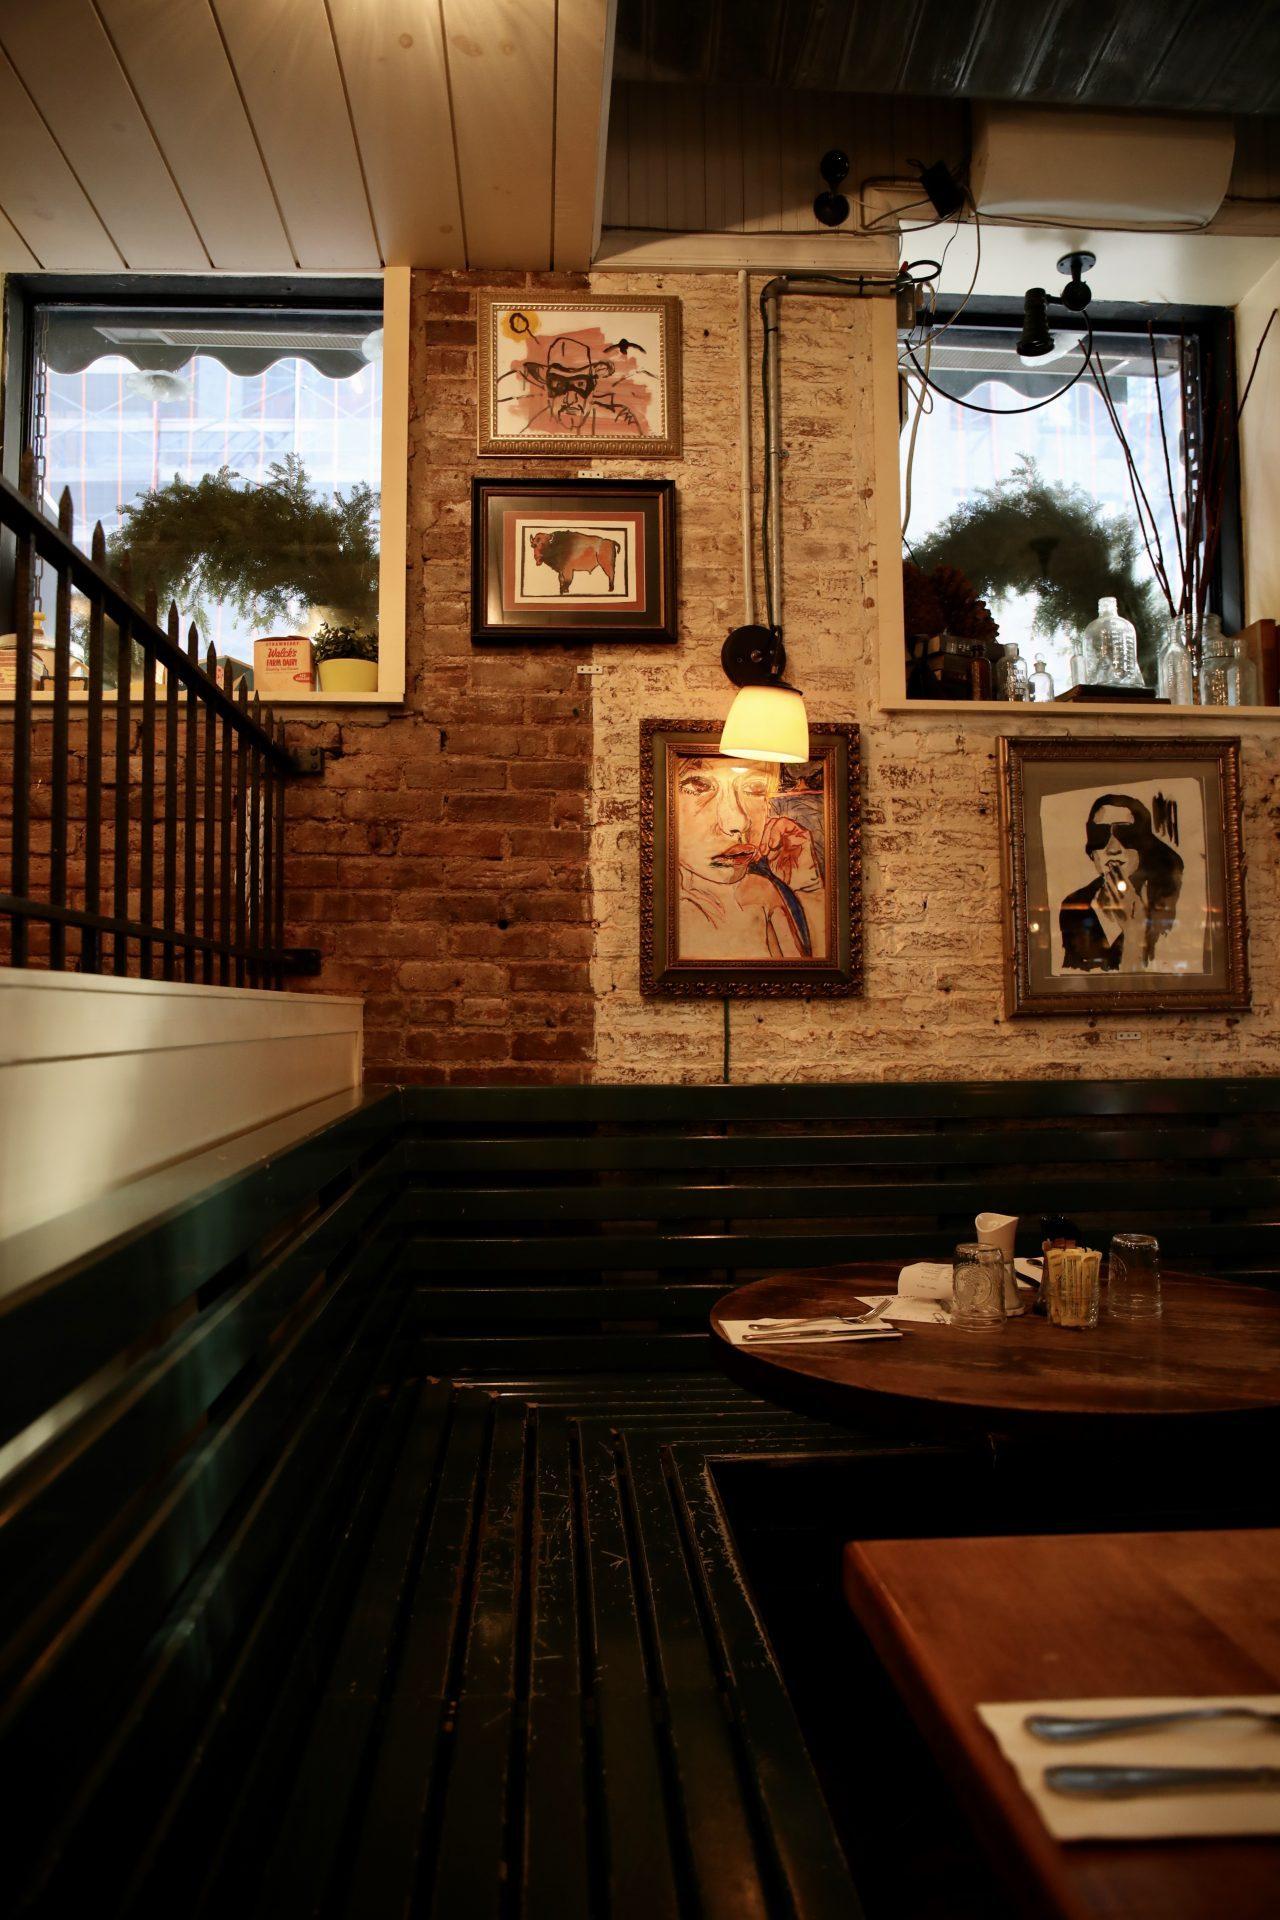 Bubby's Restaurant The Highline